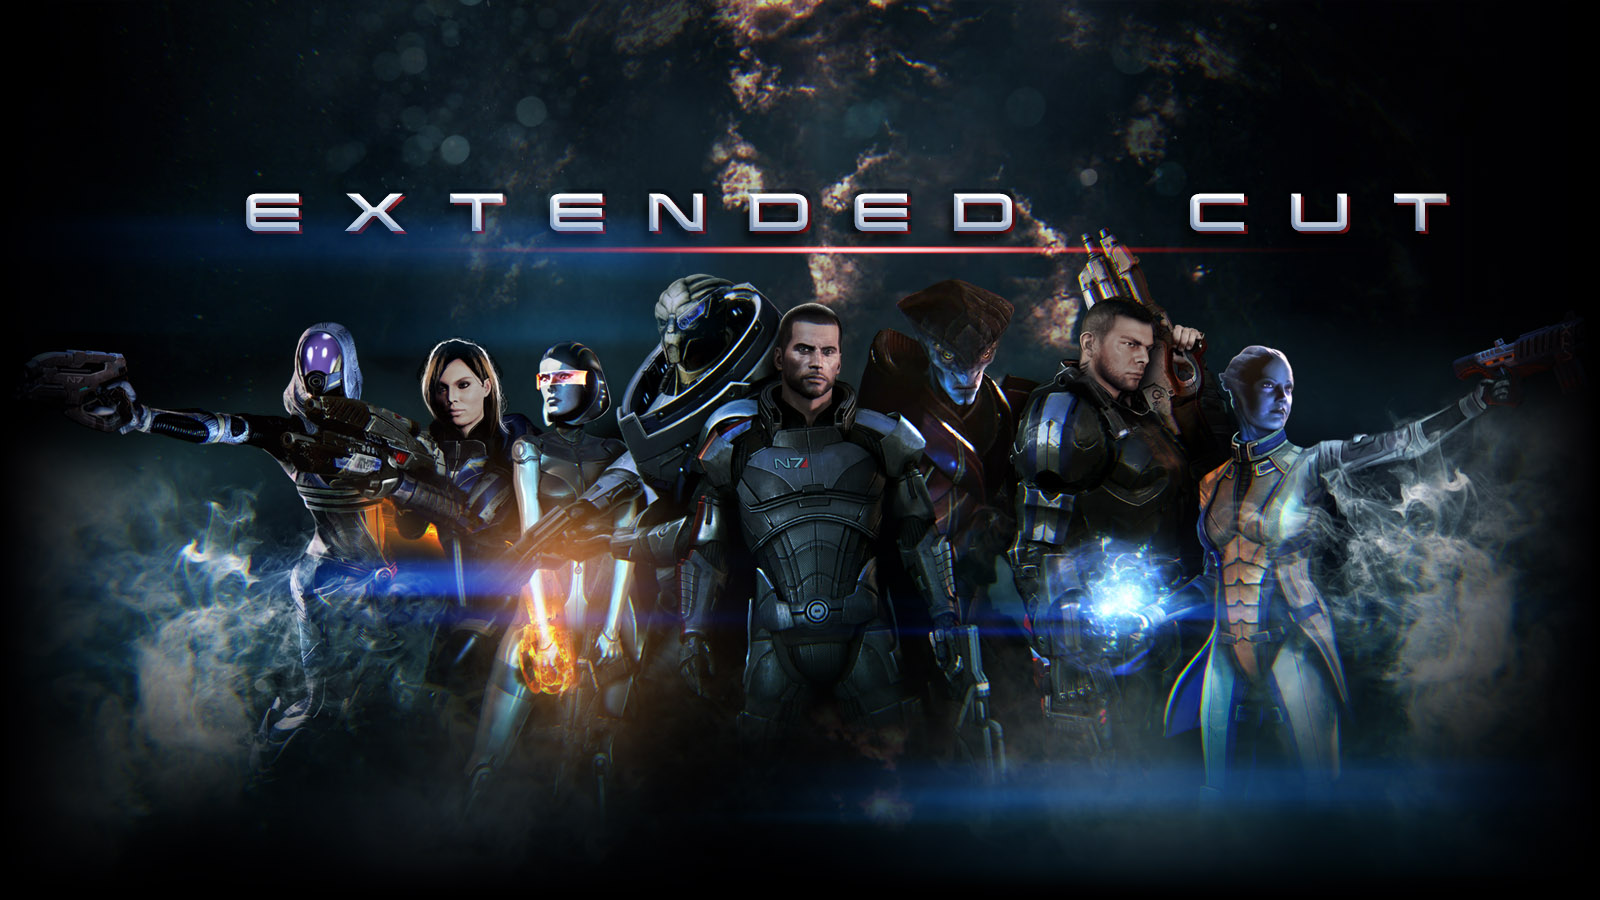 mass effect 3 extended cut dlc pc download